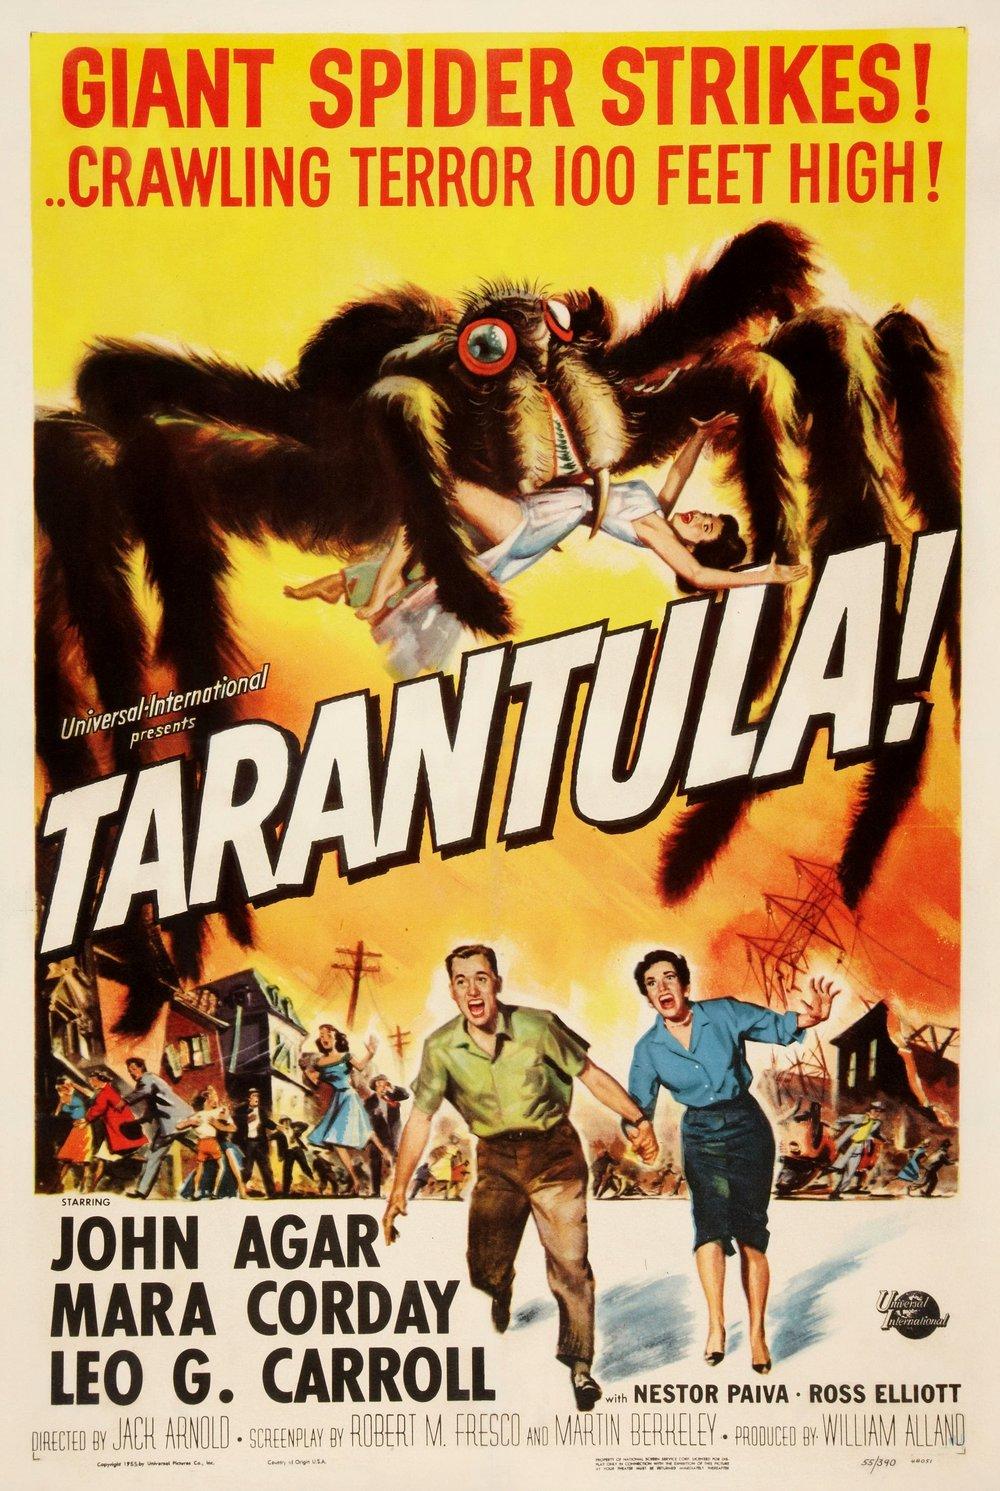 Tarantula_1955.jpg